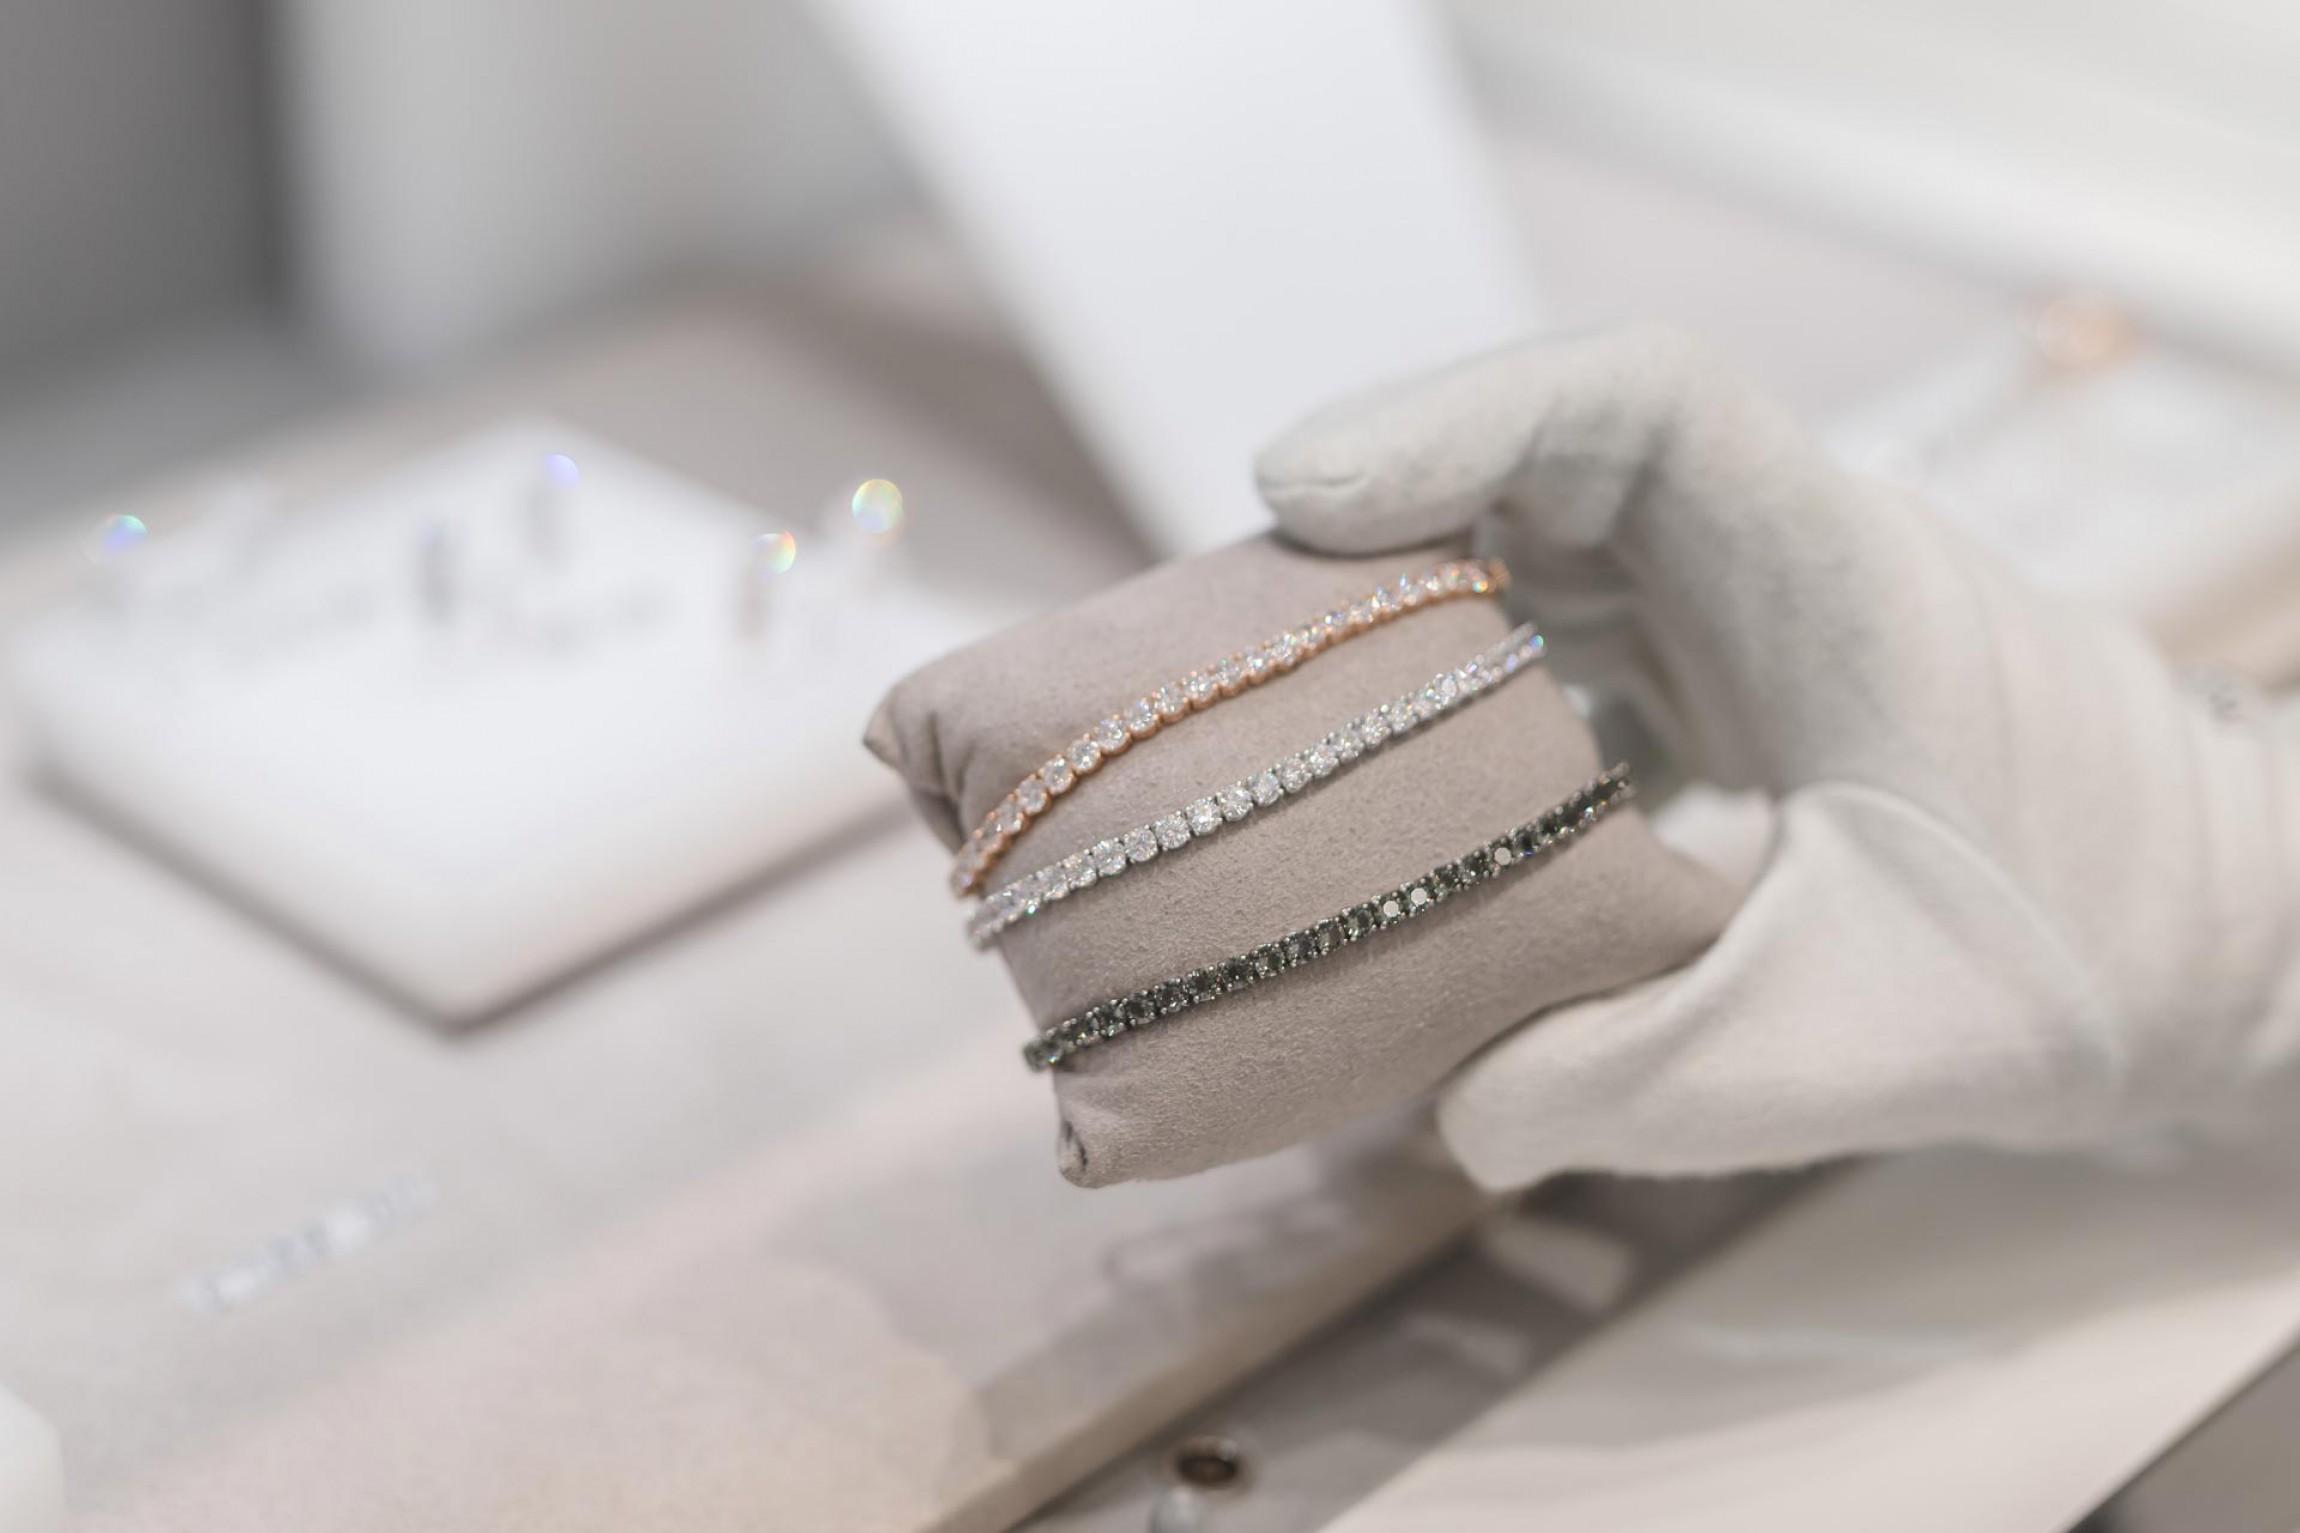 eurobijoux gioielleria paderno dugnano lecco naovate milanese bracciali oro e argento zirconi